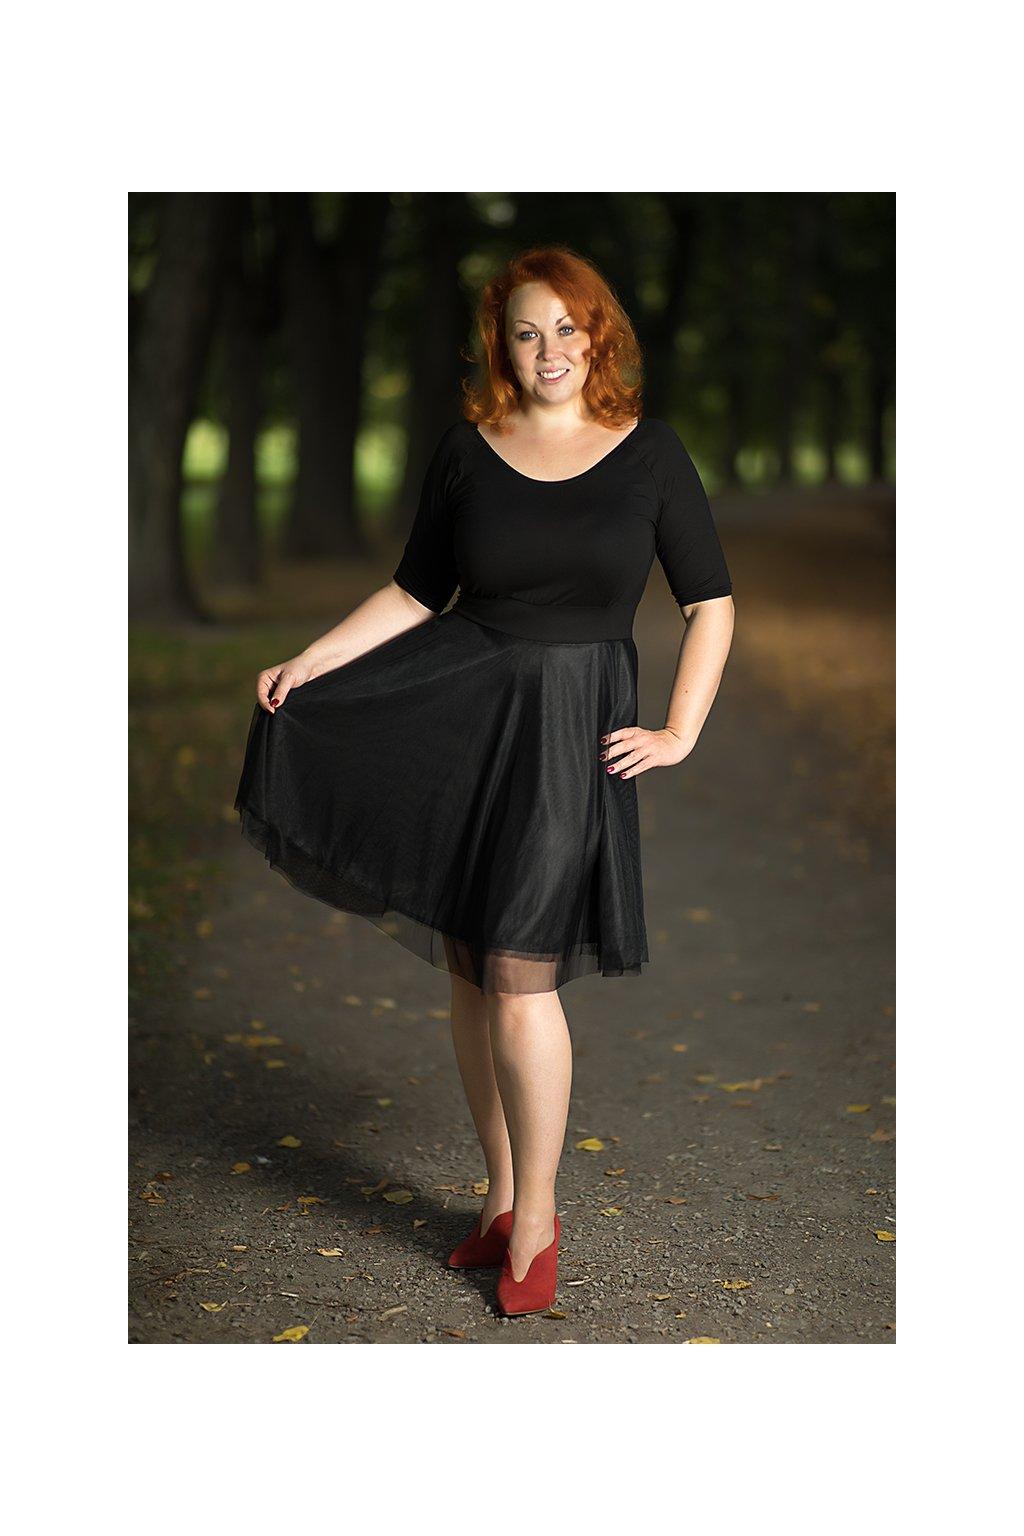 Společenské šaty Charlotta s lodičkovým výstřihem a jemnou splývavou sukní nad kolena